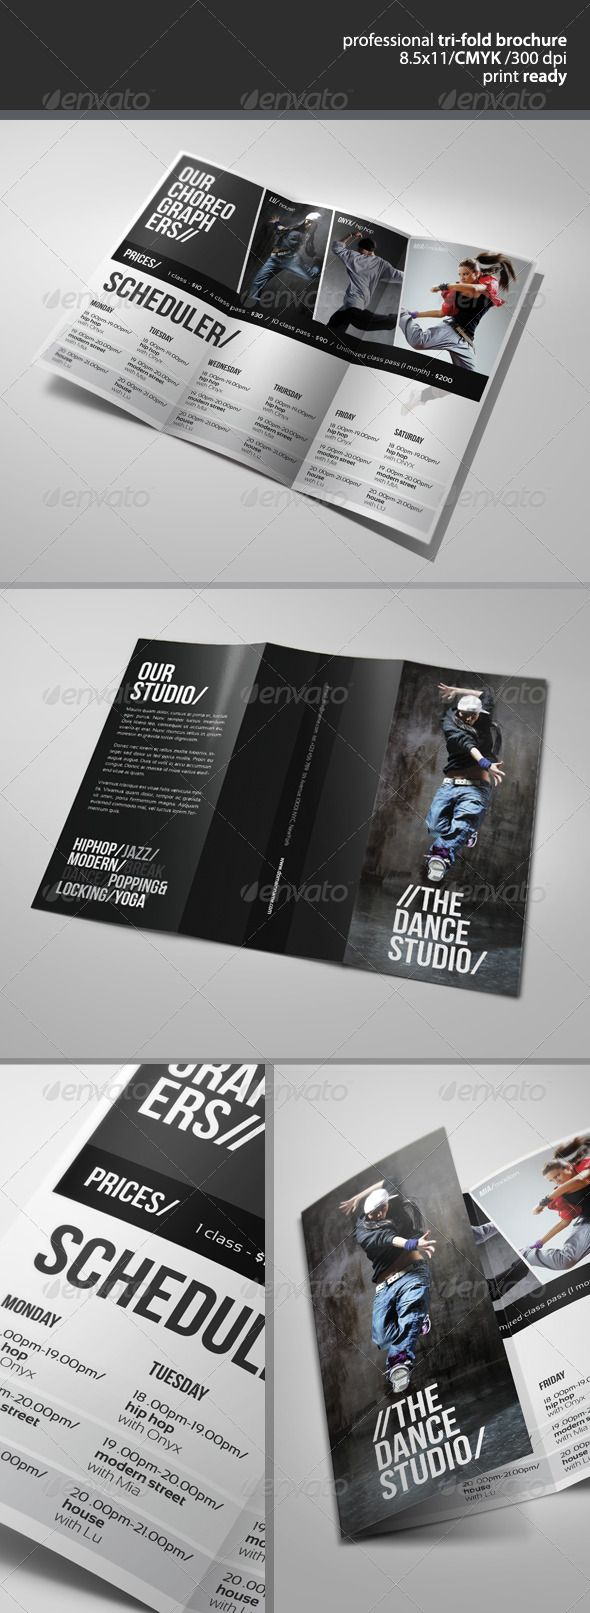 Best 25 dance studio ideas on pinterest dance studio for Design studio brochure